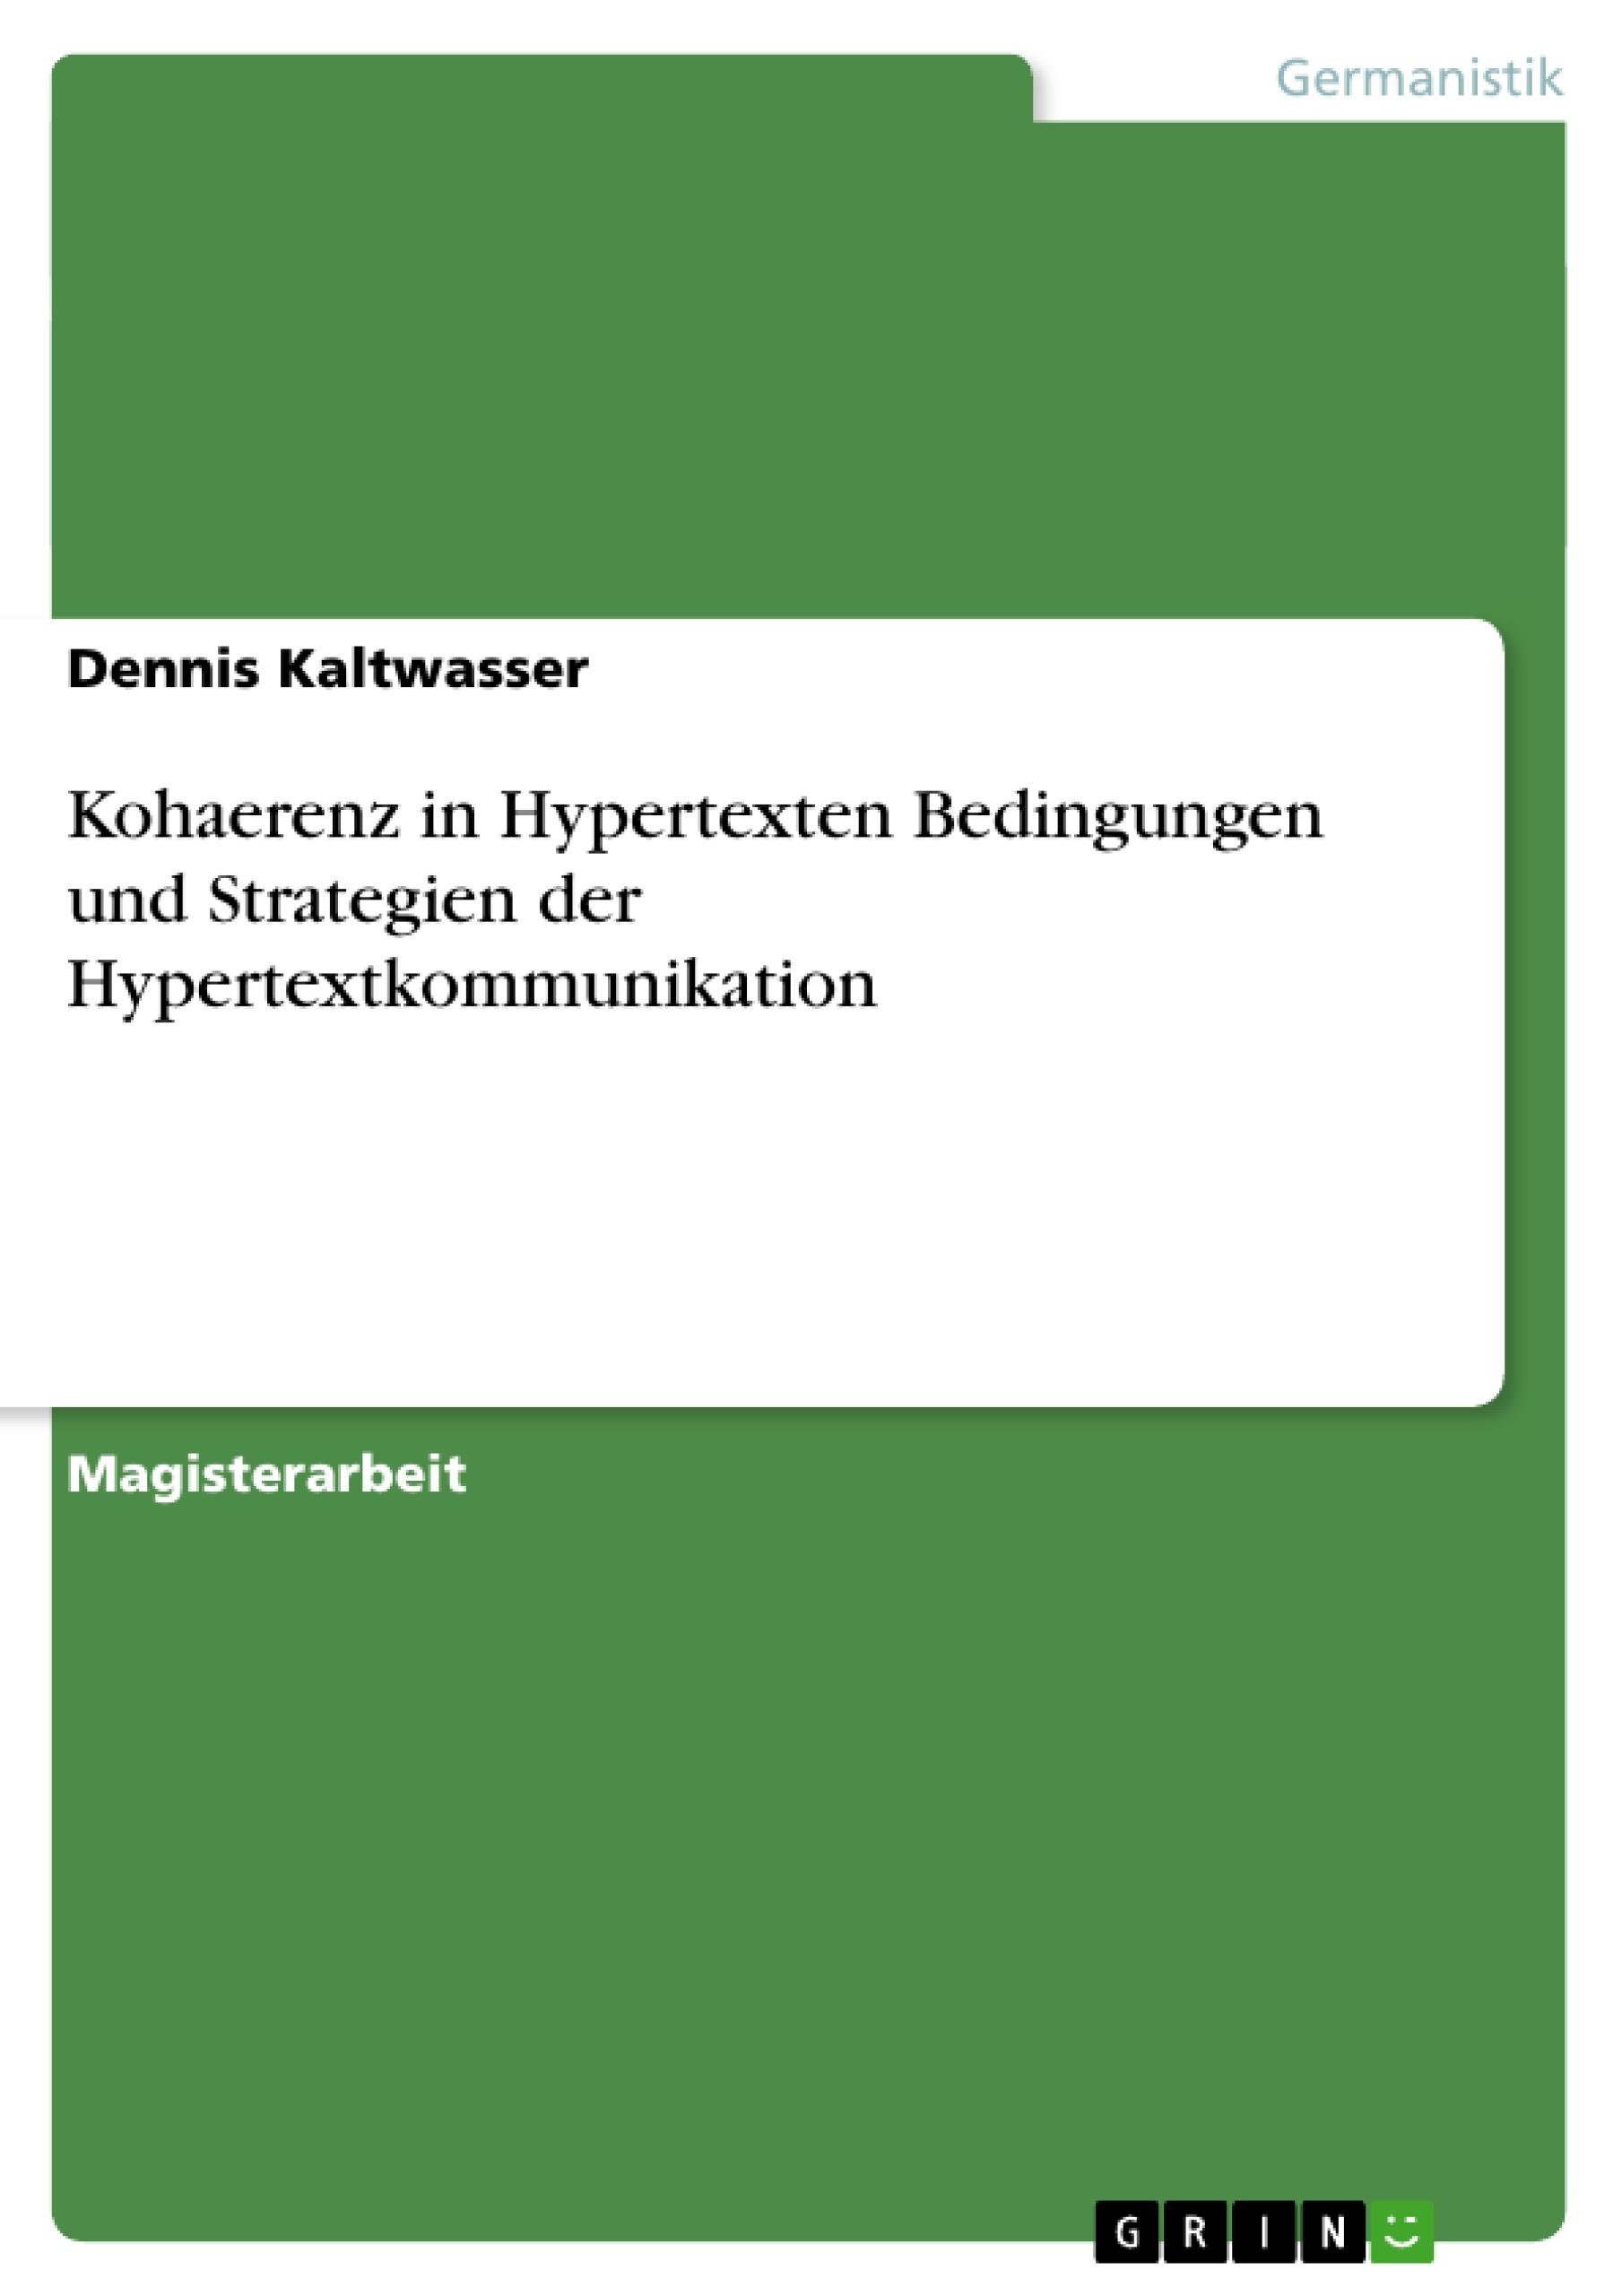 Titel: Kohaerenz in Hypertexten Bedingungen und Strategien der Hypertextkommunikation